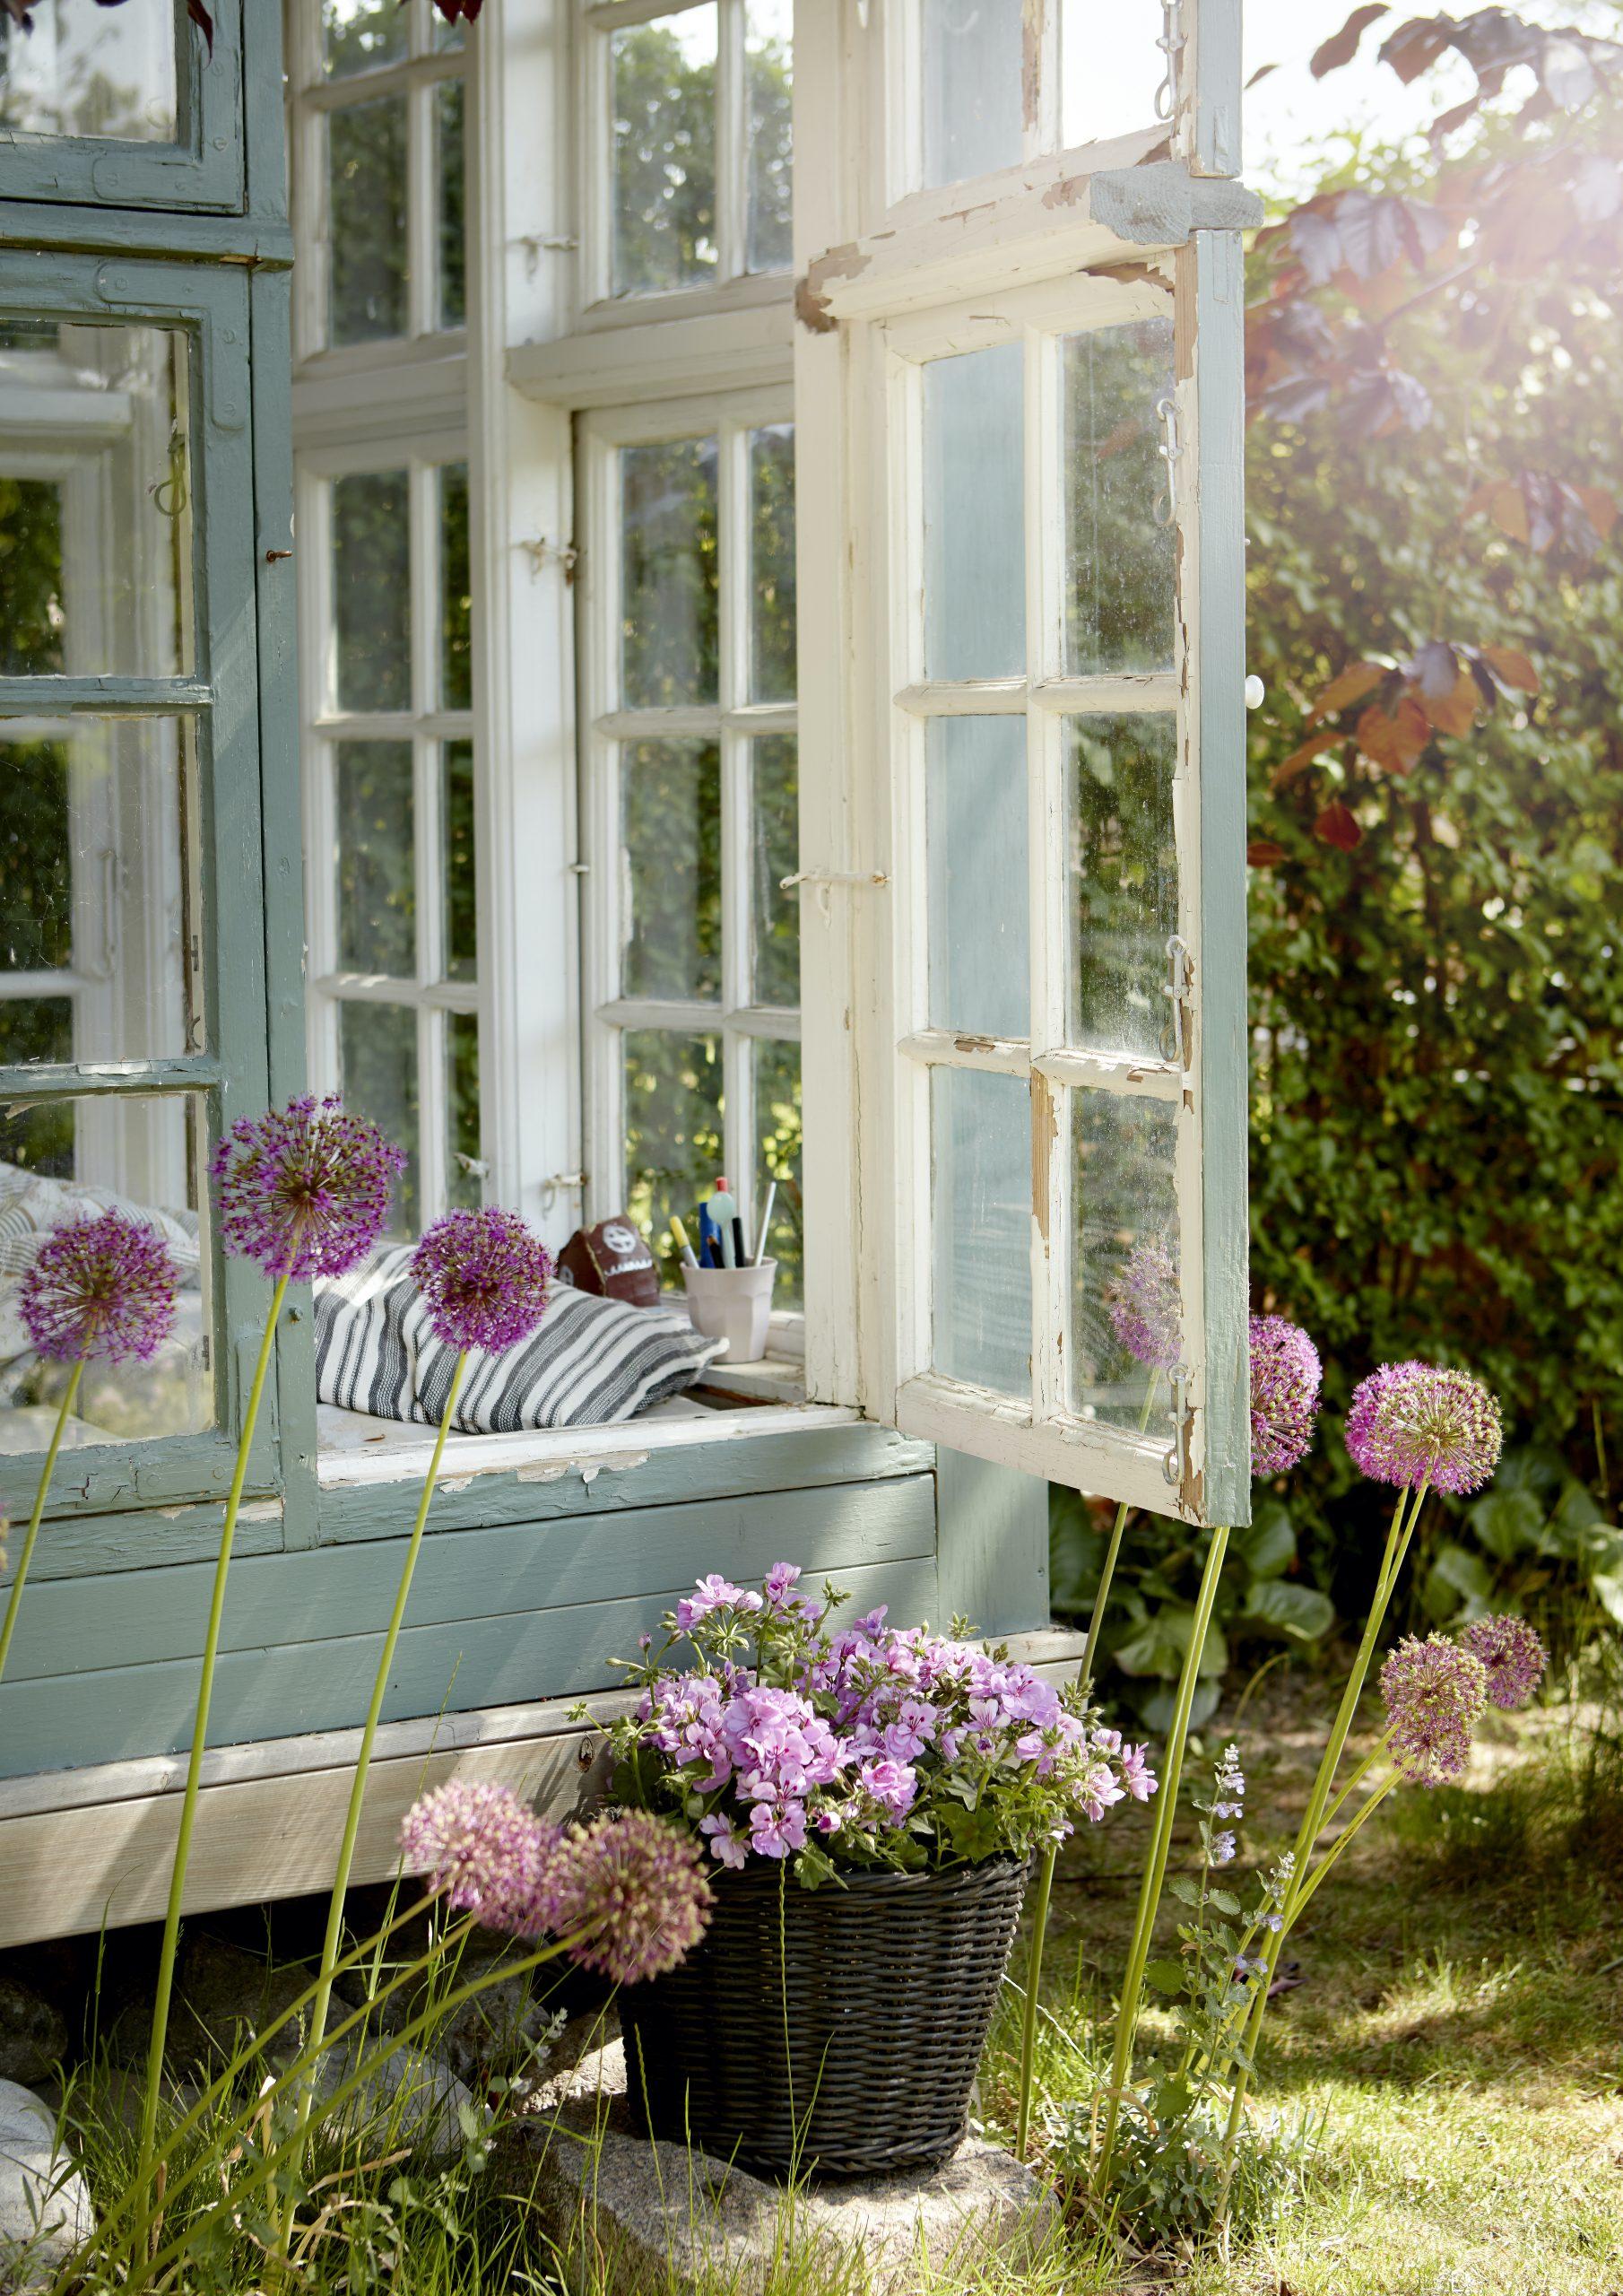 gerani in giardino